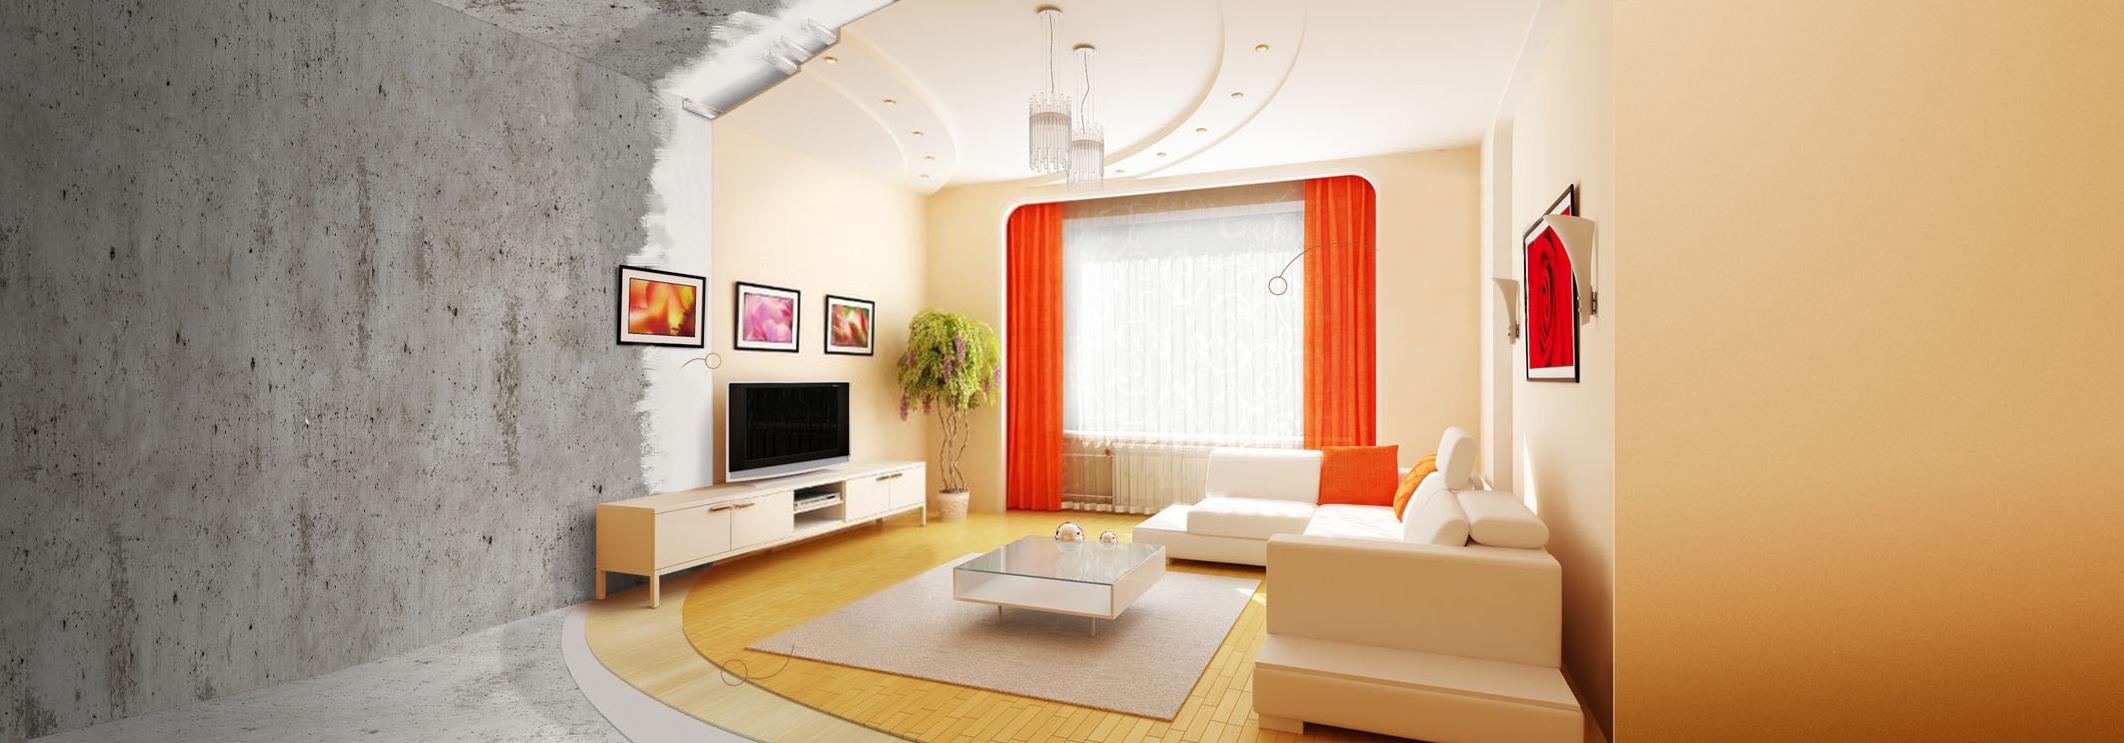 Компания - ремонт и отделка квартир в